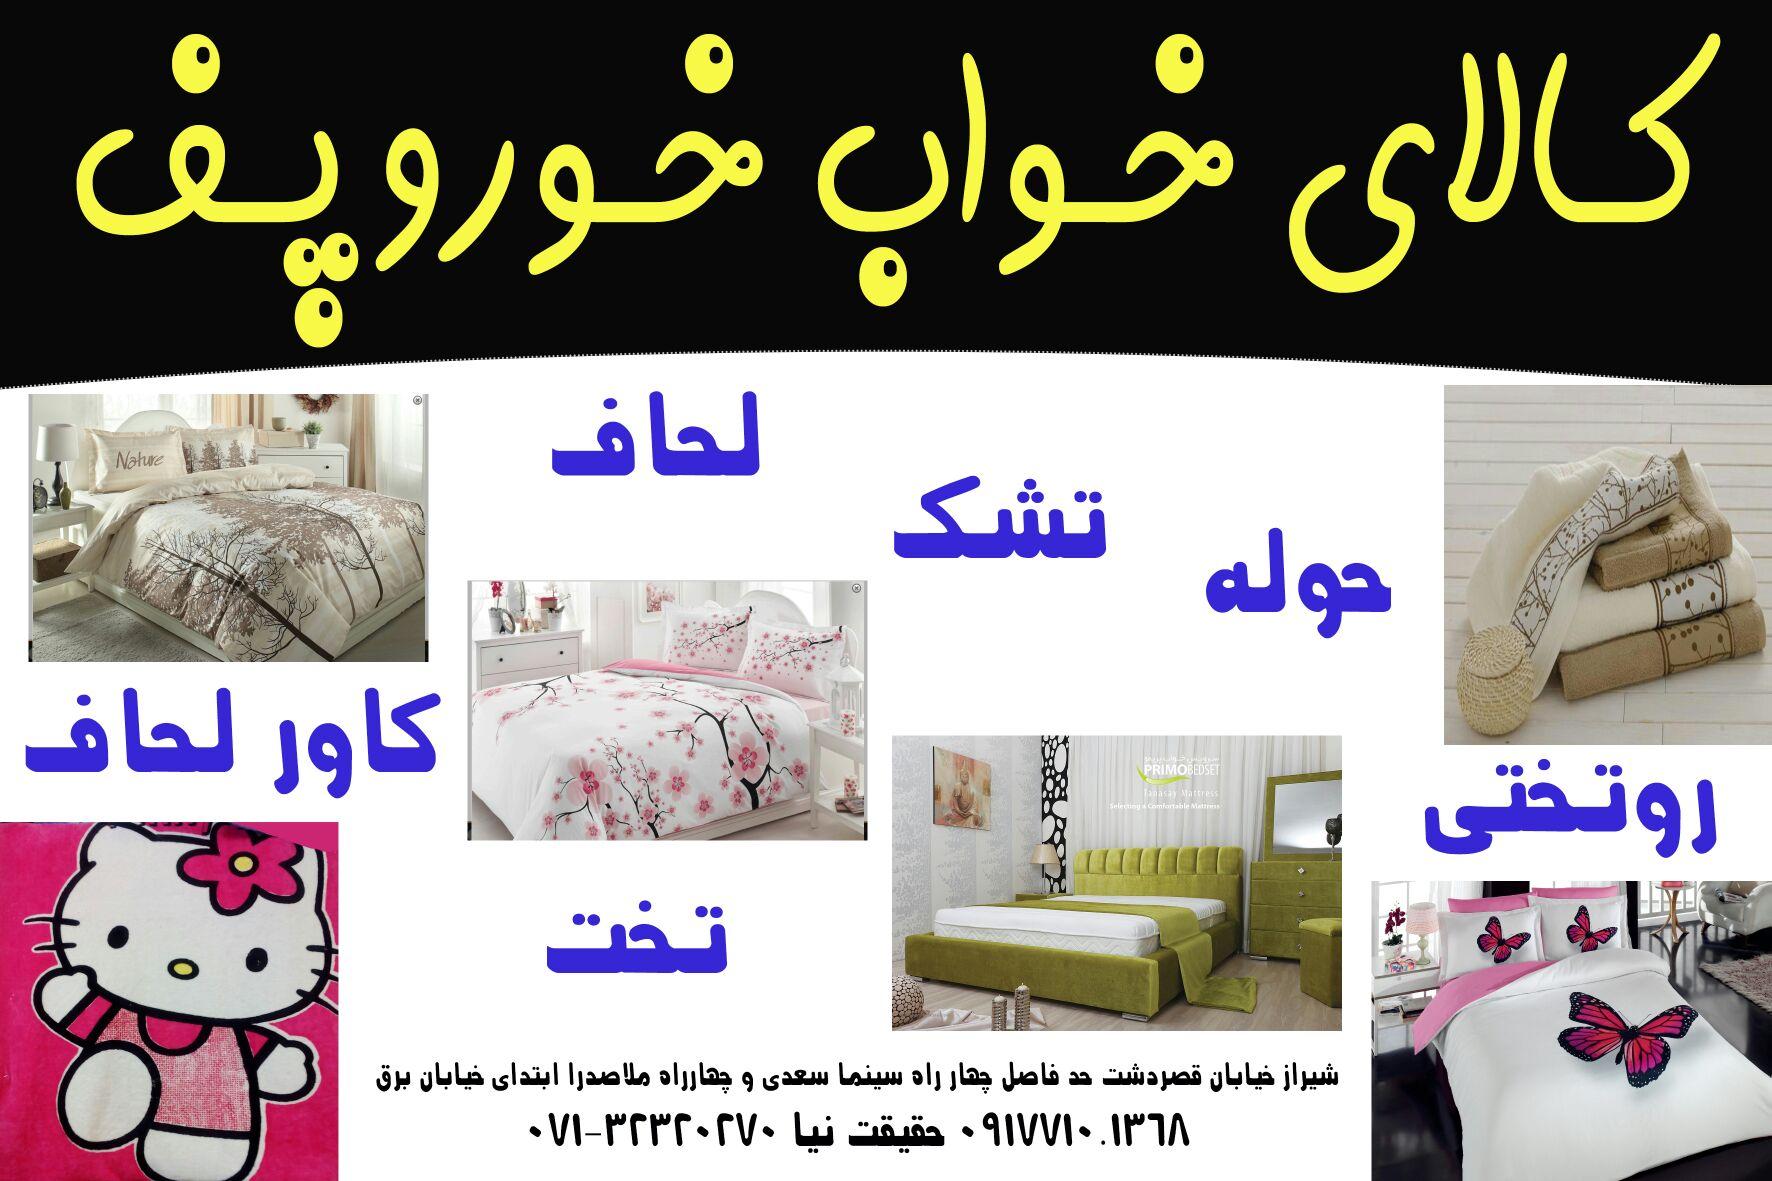 کالای خواب خوروپف در شیراز